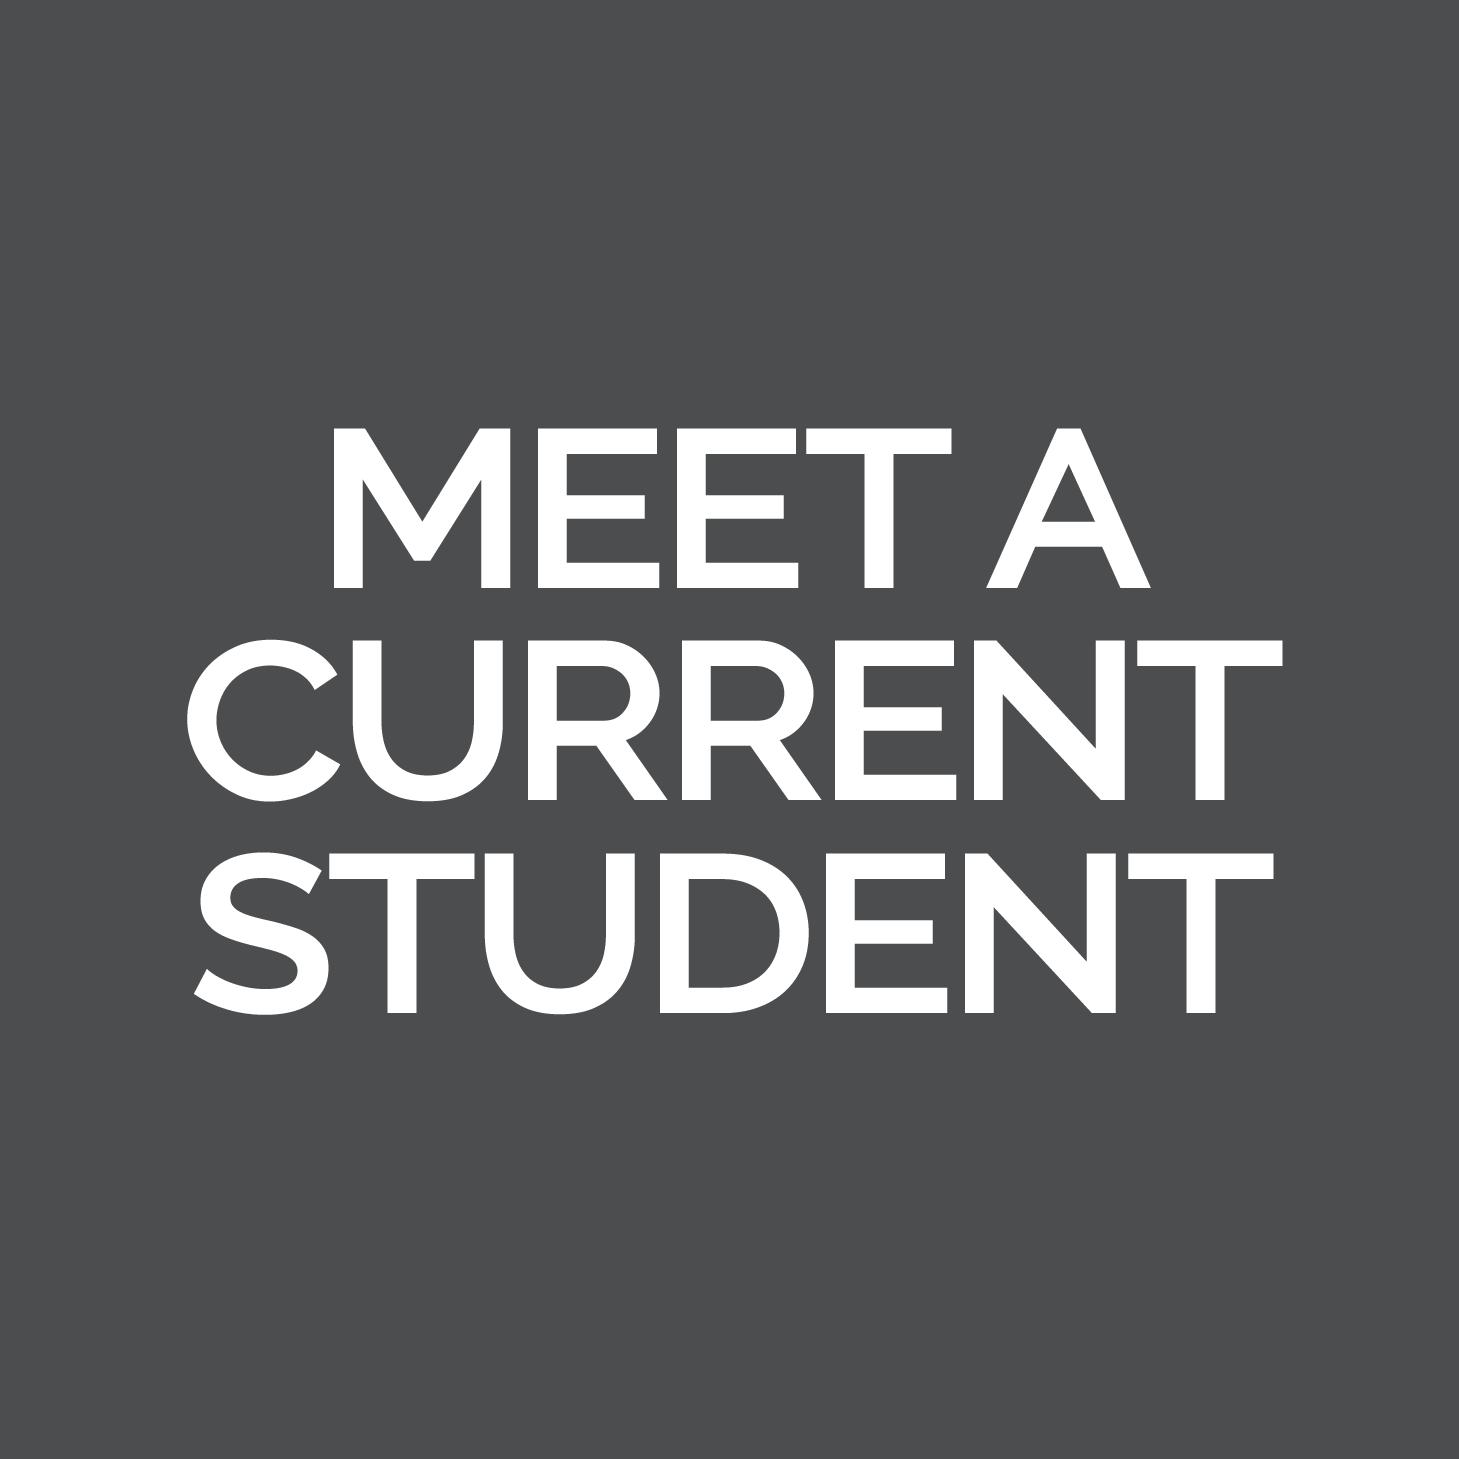 Meet A Student